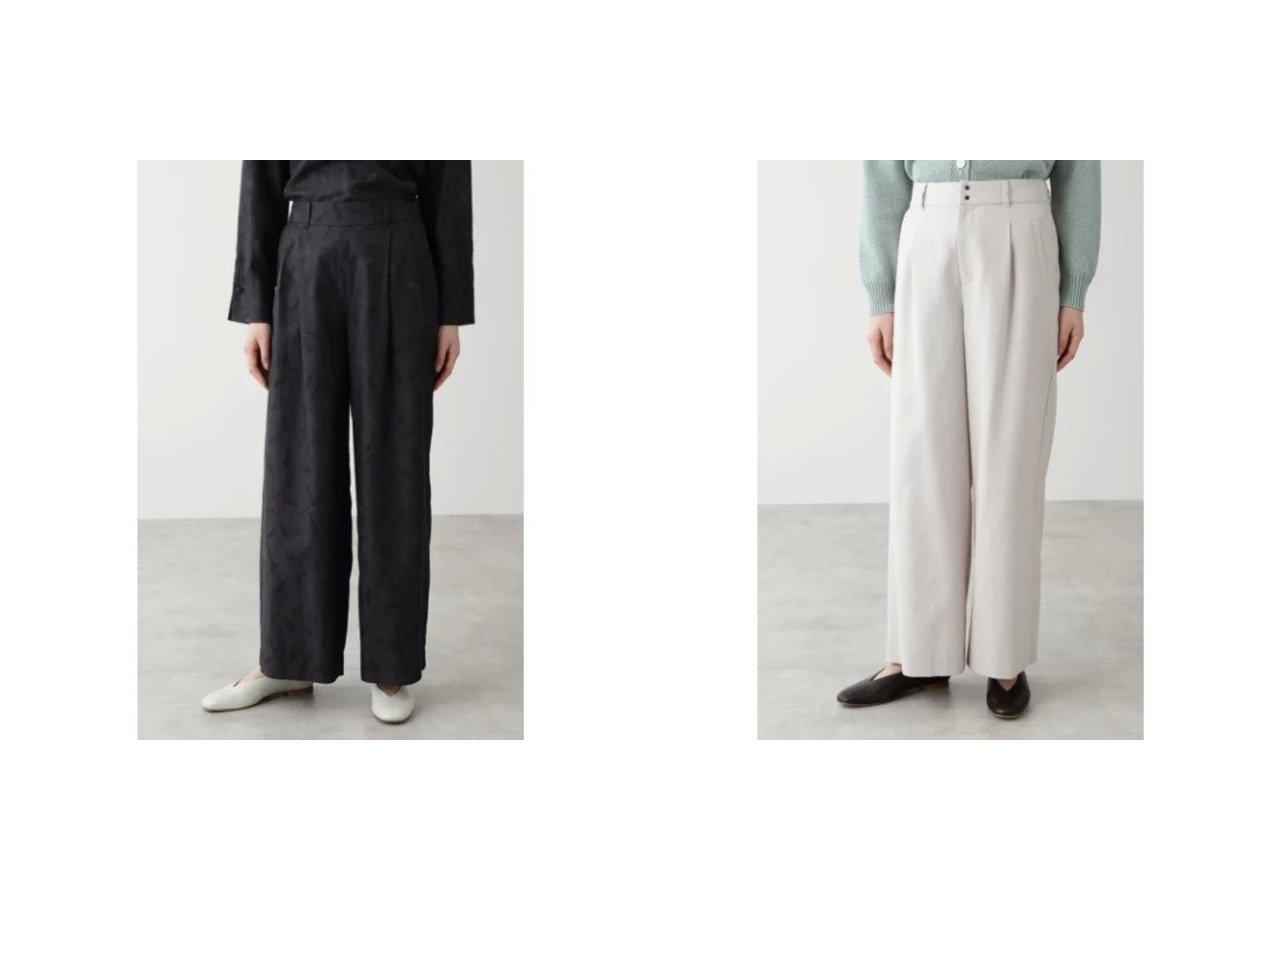 【HUMAN WOMAN/ヒューマンウーマン】の綿キュプラツイルPTパンツ&セルロース綿ドビーOXバイオパンツ 【パンツ】おすすめ!人気、トレンド・レディースファッションの通販 おすすめで人気の流行・トレンド、ファッションの通販商品 メンズファッション・キッズファッション・インテリア・家具・レディースファッション・服の通販 founy(ファニー) https://founy.com/ ファッション Fashion レディースファッション WOMEN パンツ Pants おすすめ Recommend スタンダード セットアップ プリント モチーフ ボトム ポケット 春 Spring  ID:crp329100000029088